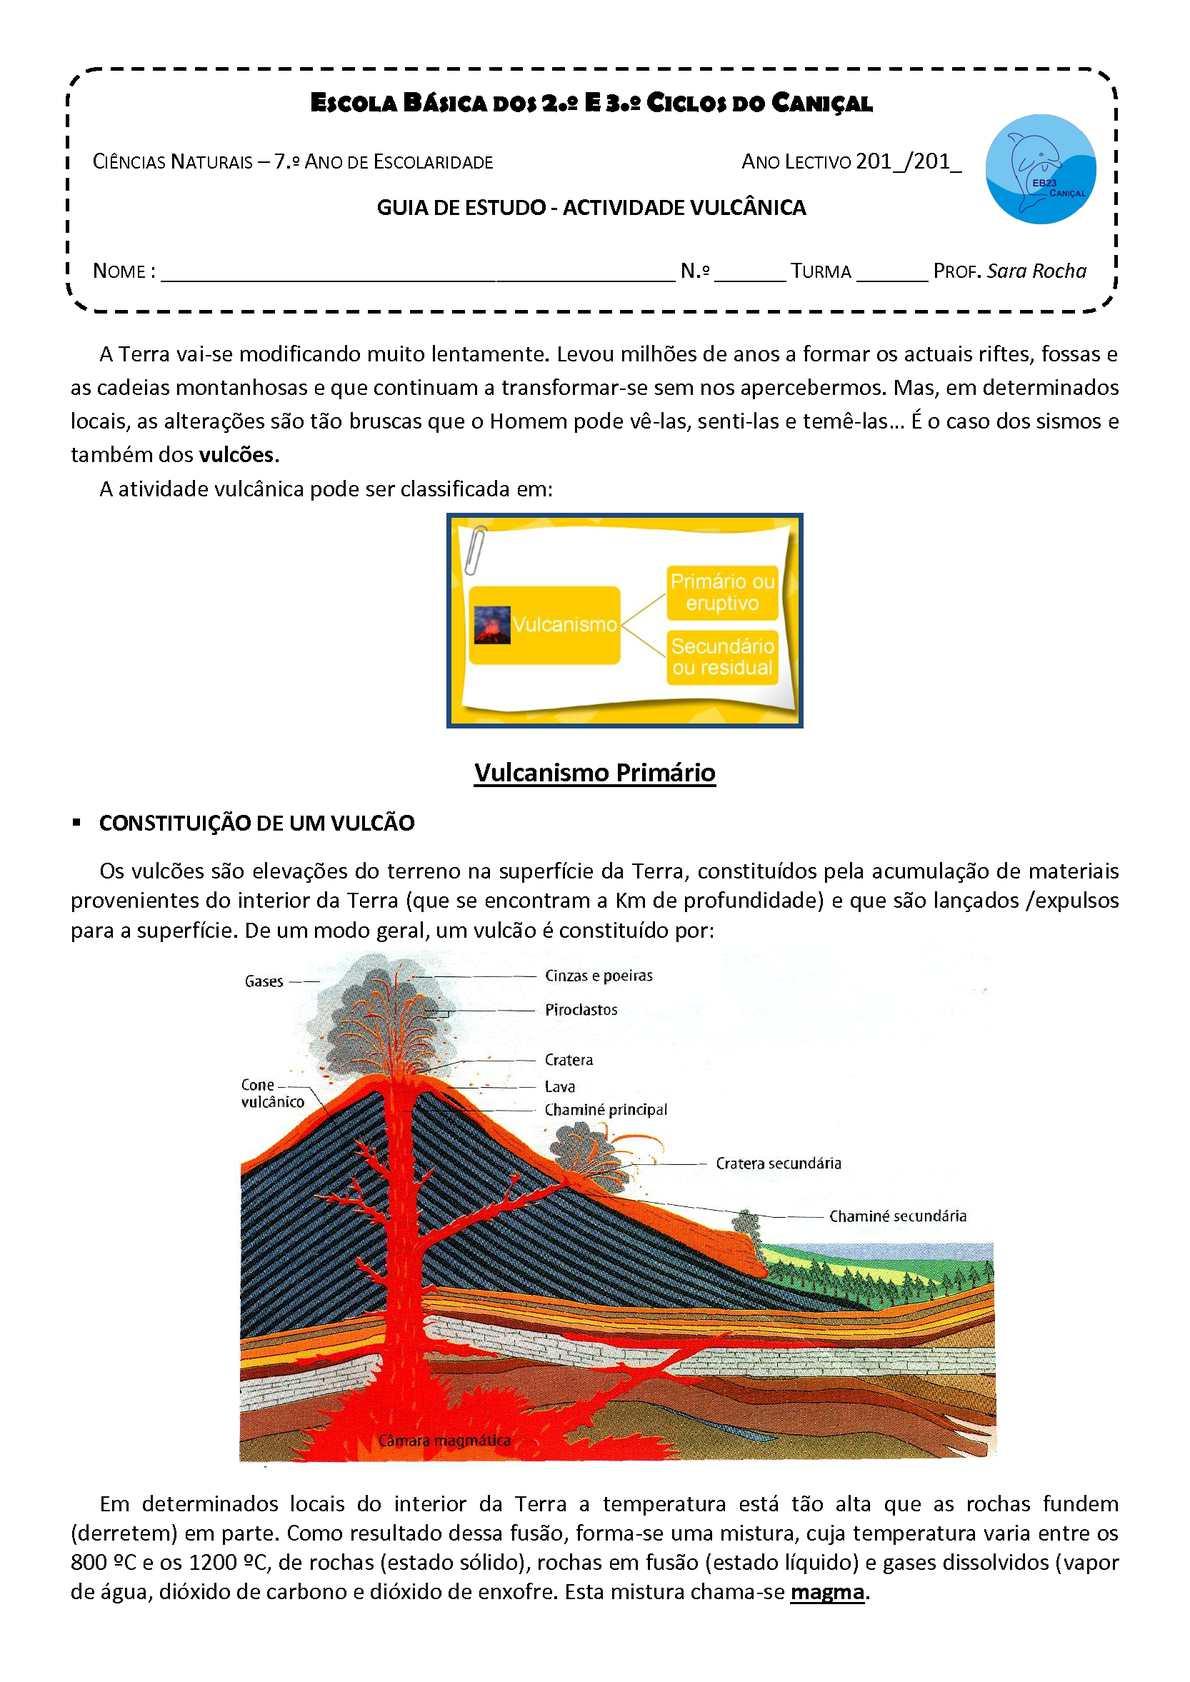 Vulcanismo